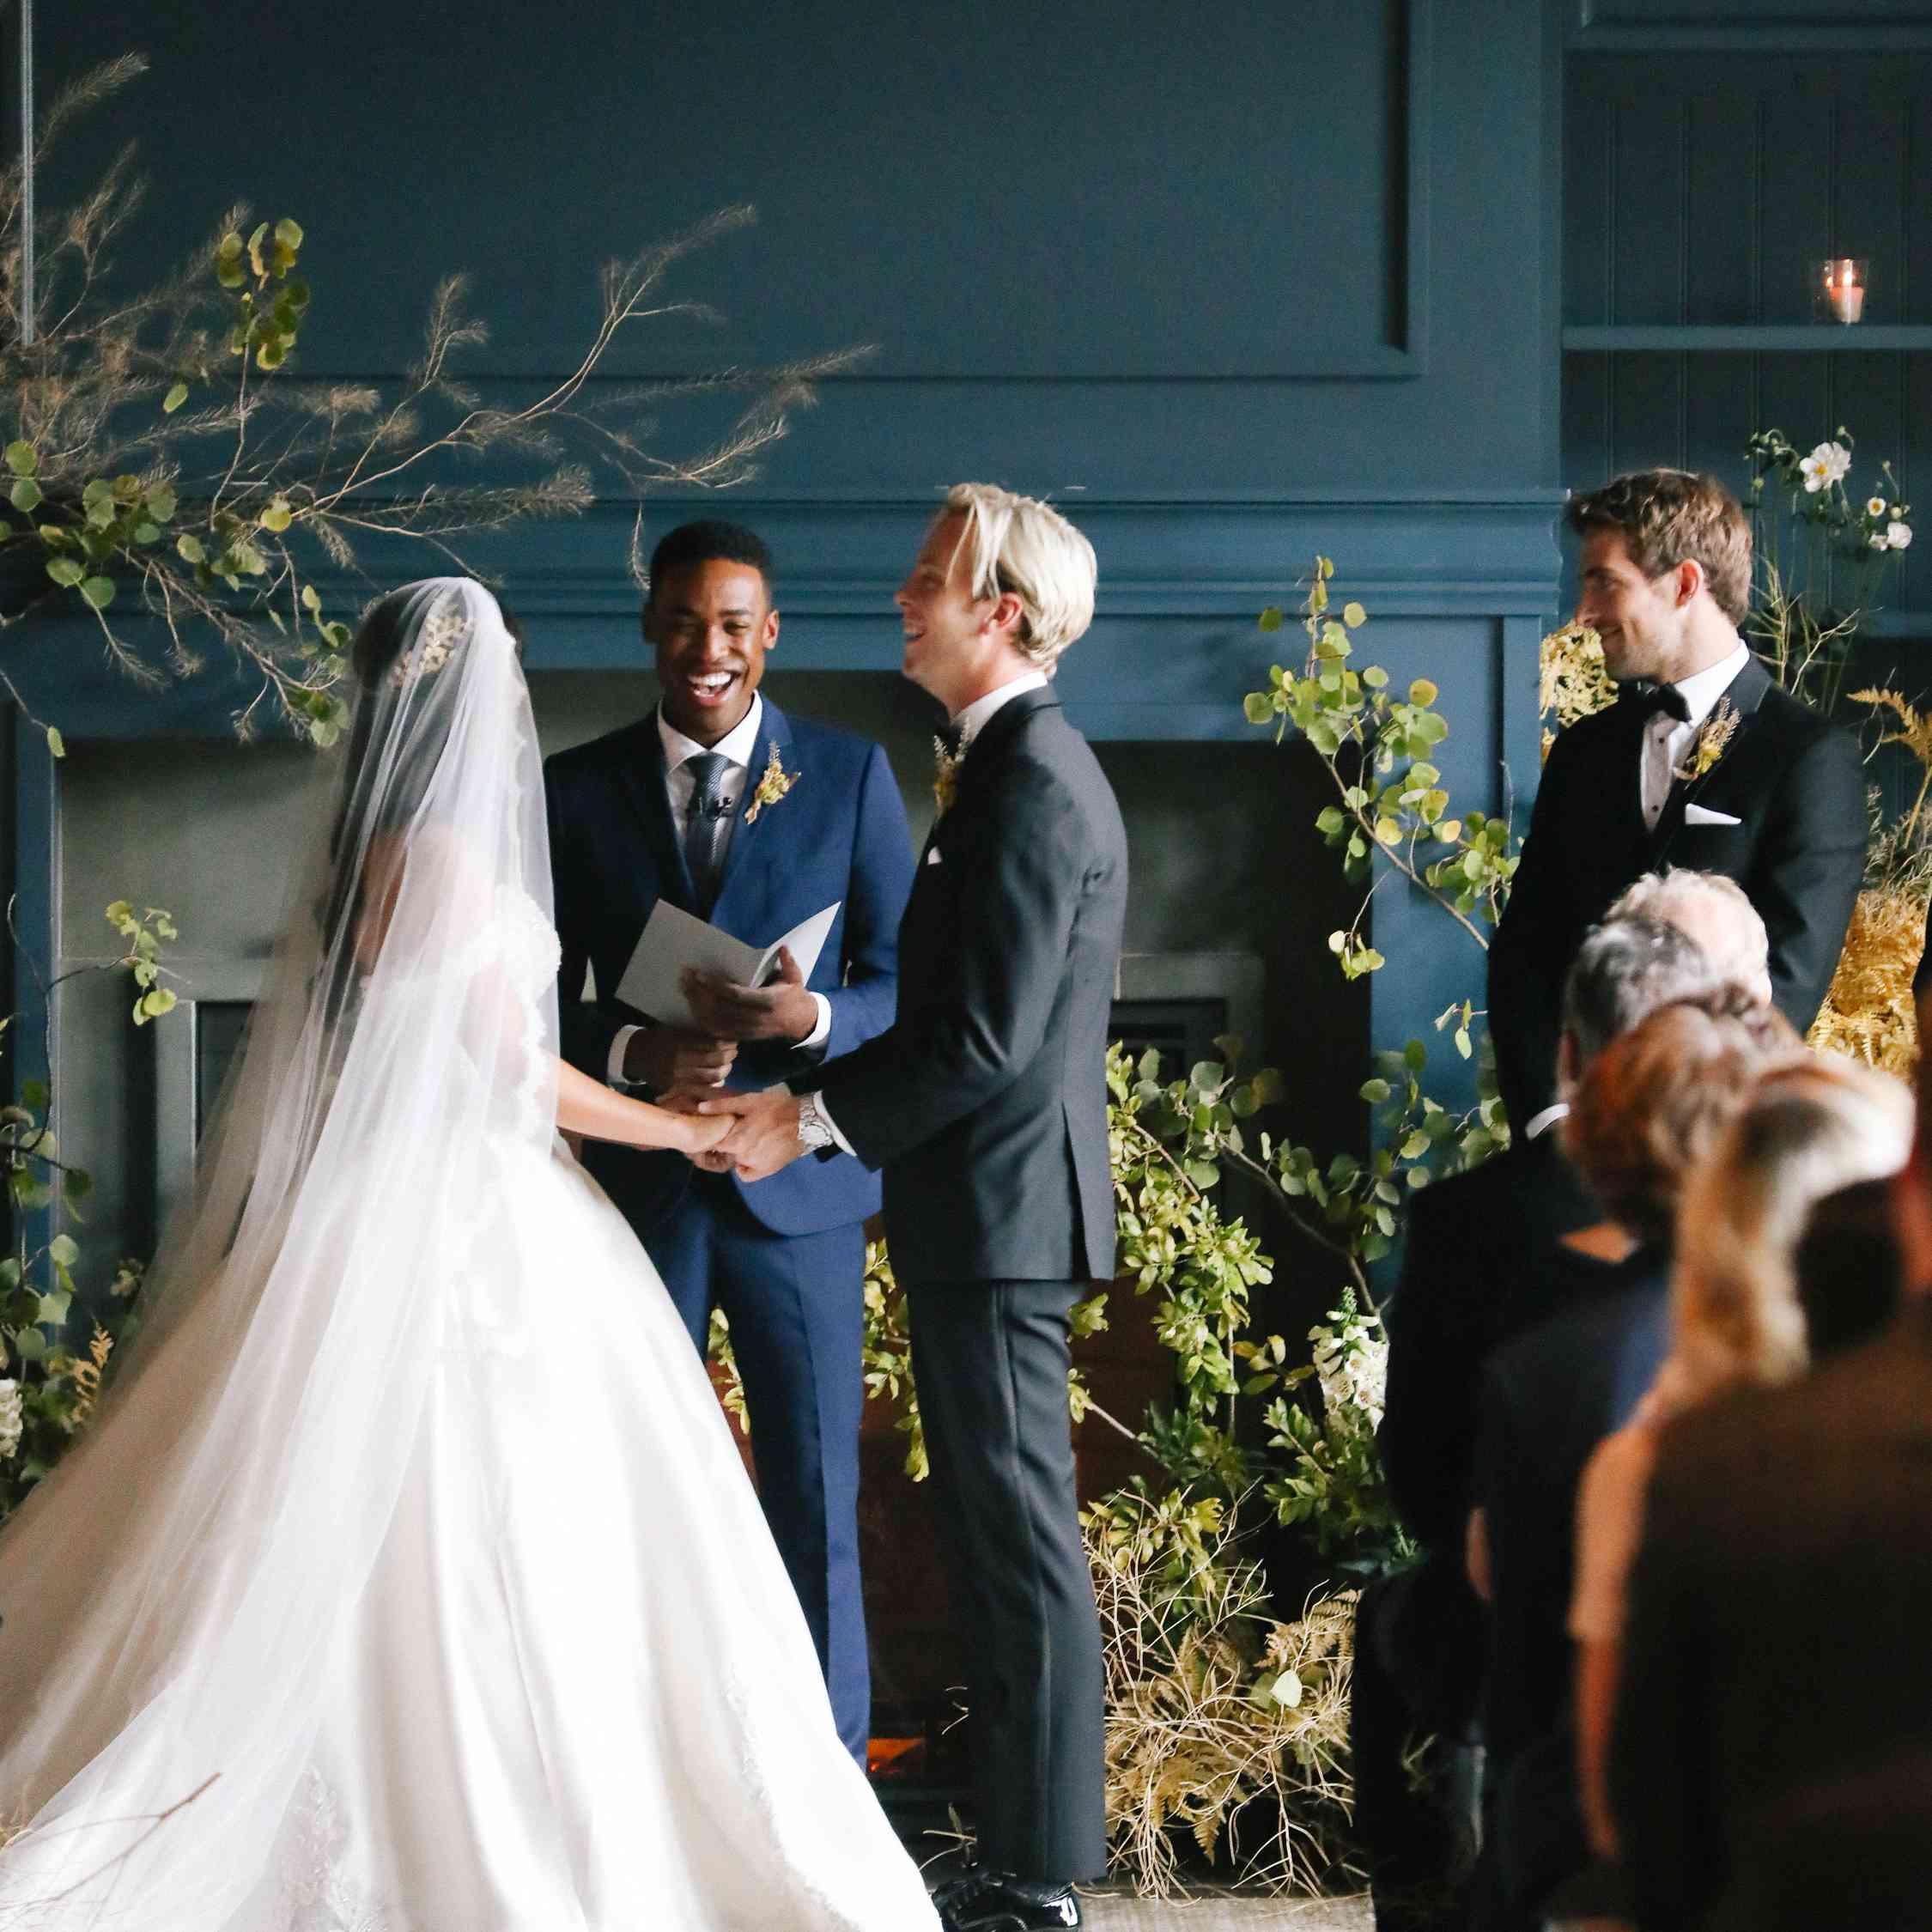 savannah and riker wedding, couple at altar